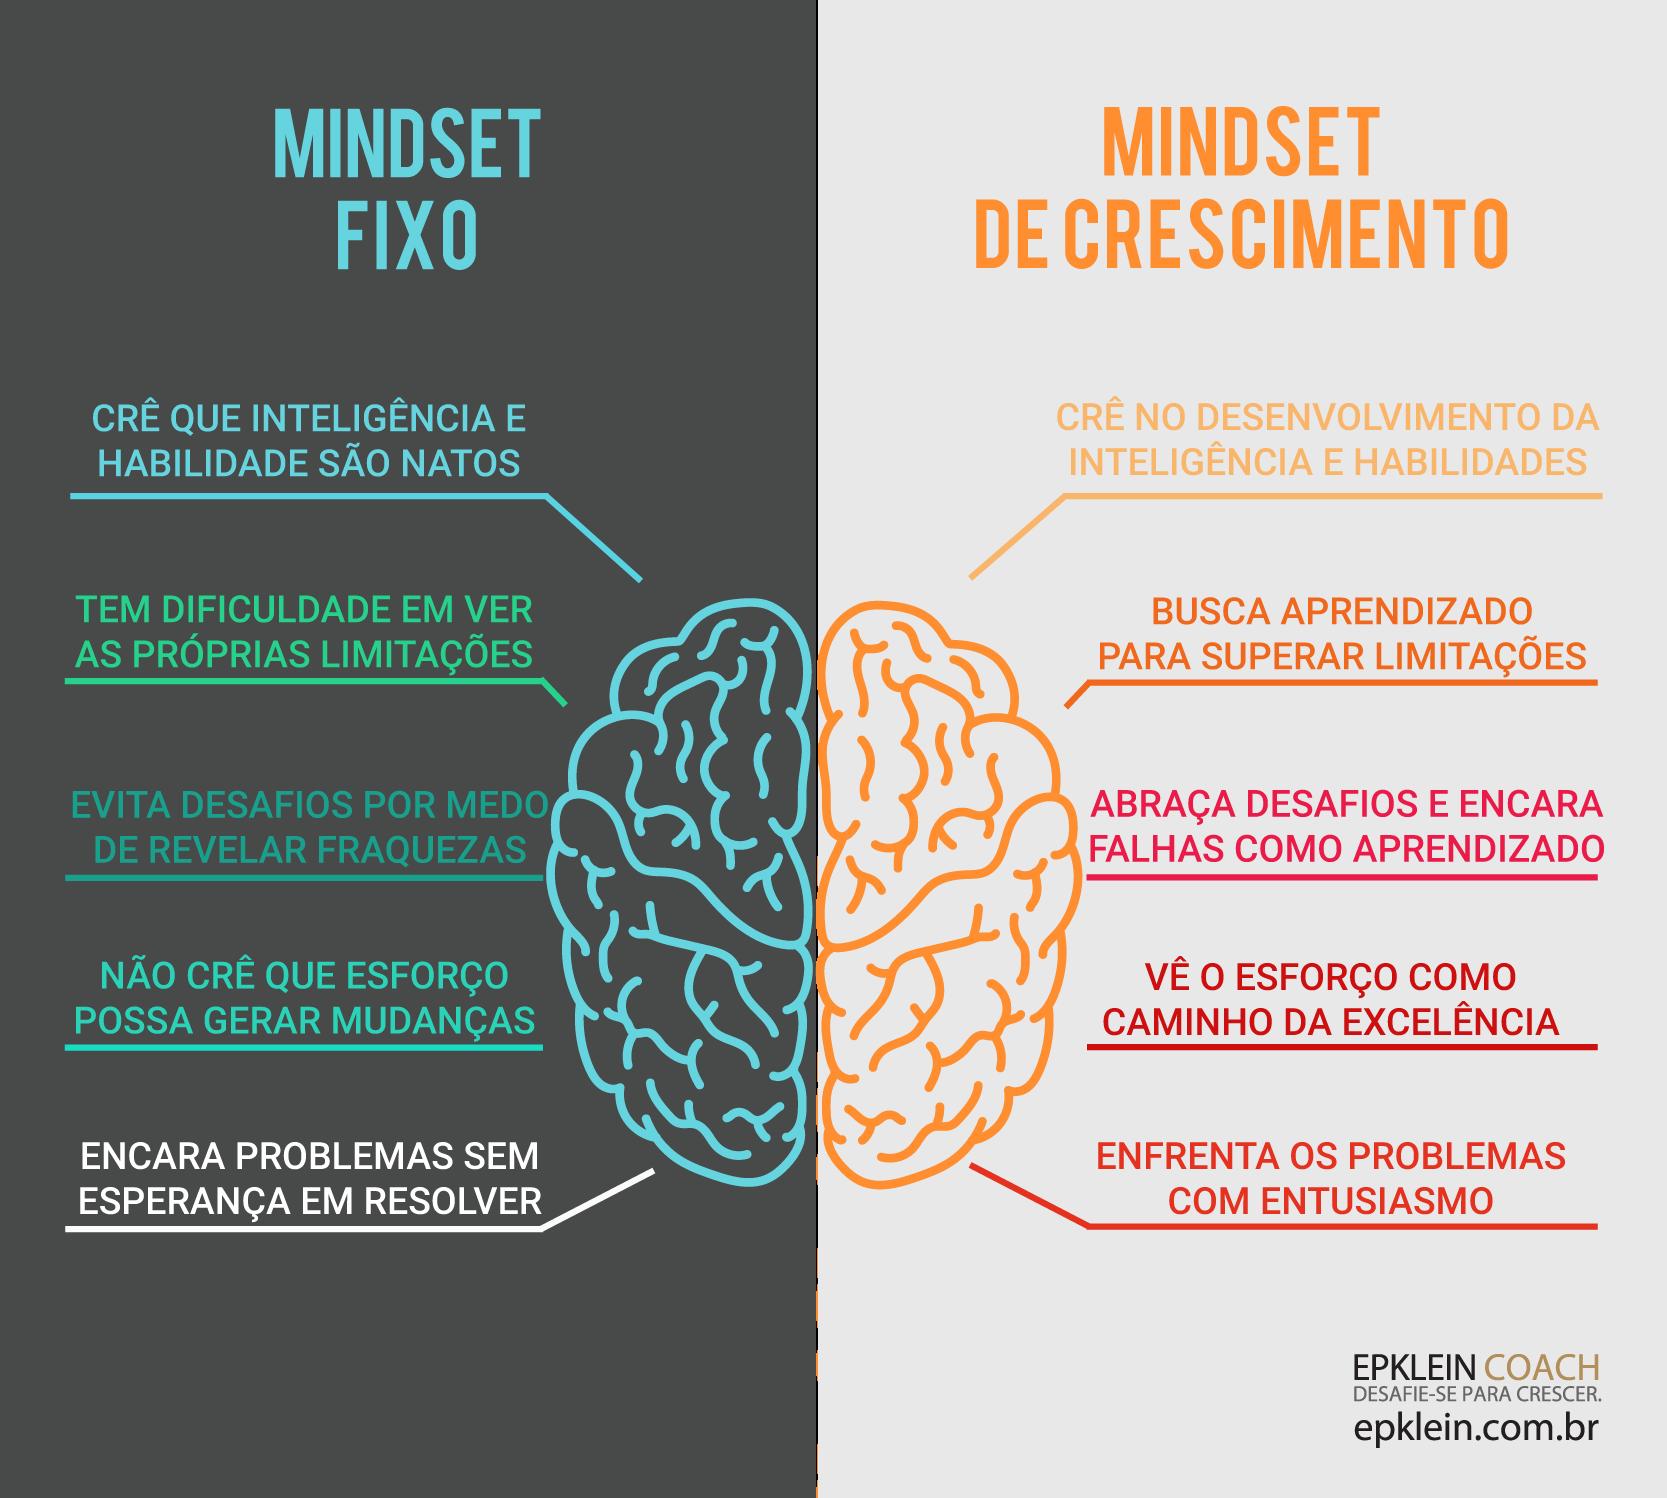 Resultado de imagem para mindset fixo e de crescimento